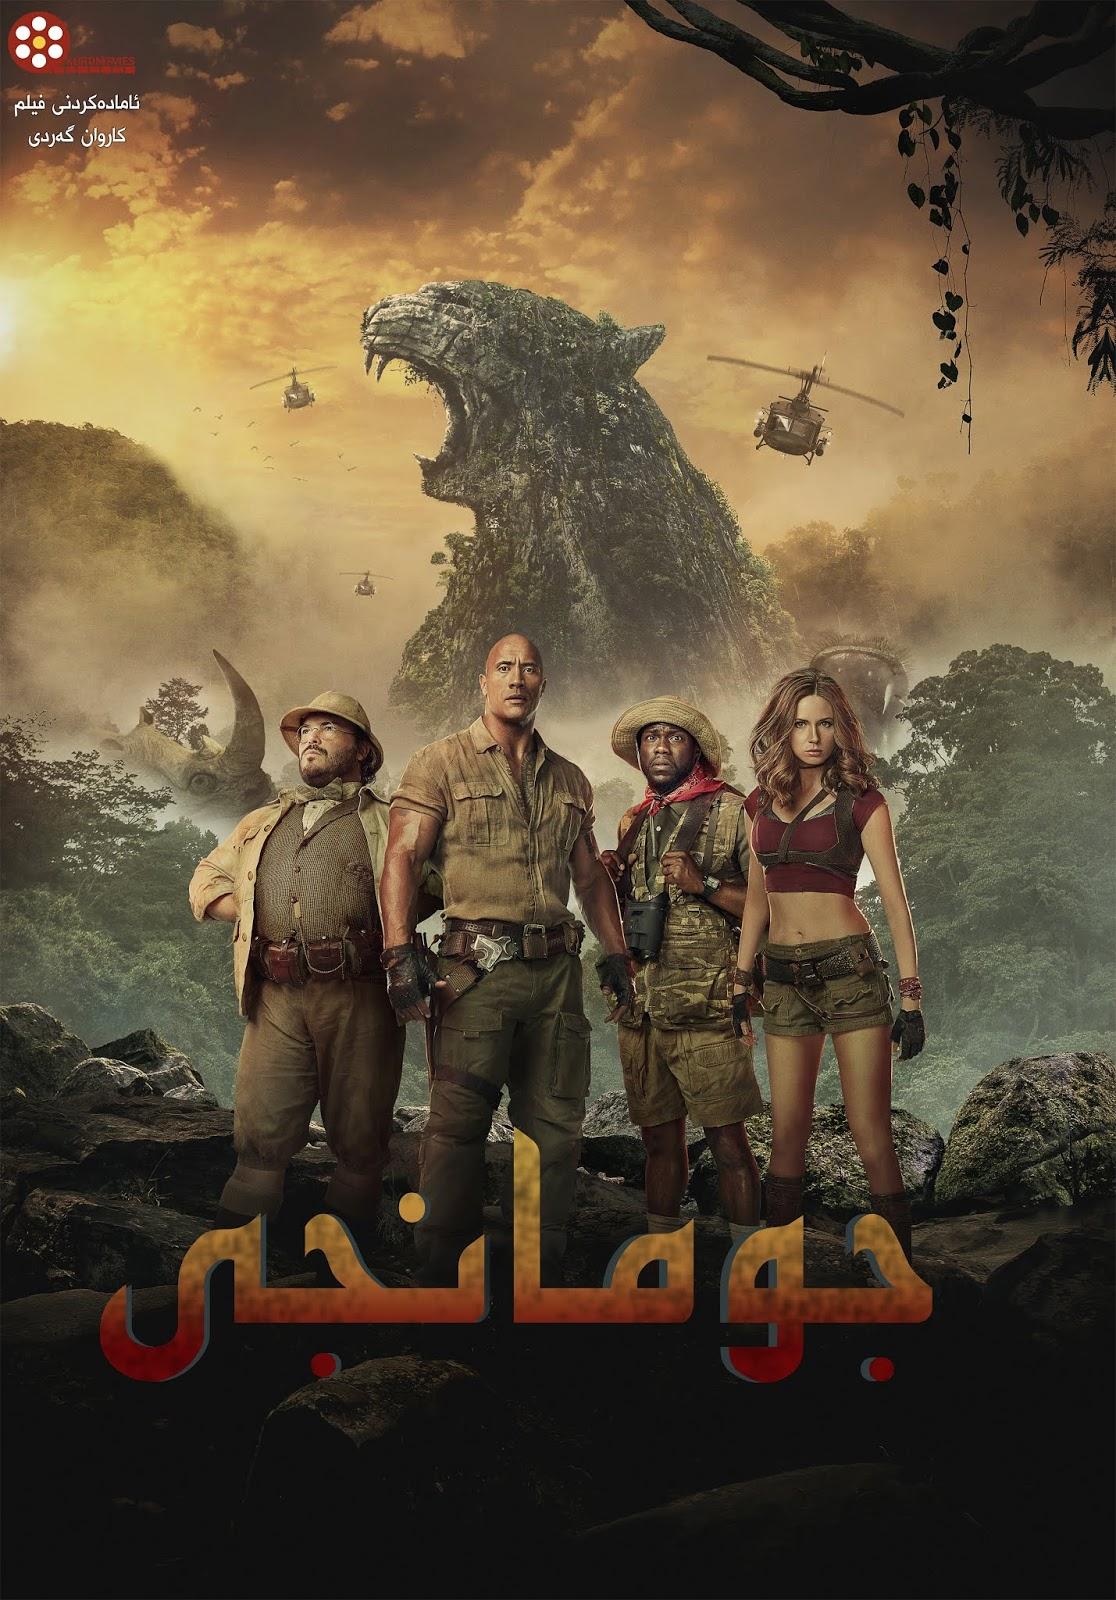 فیلمی دۆبلاژكراوی كوردی  فیلمی دۆبلاژی كوردی Jumanji: Welcome to the Jungle (2017)